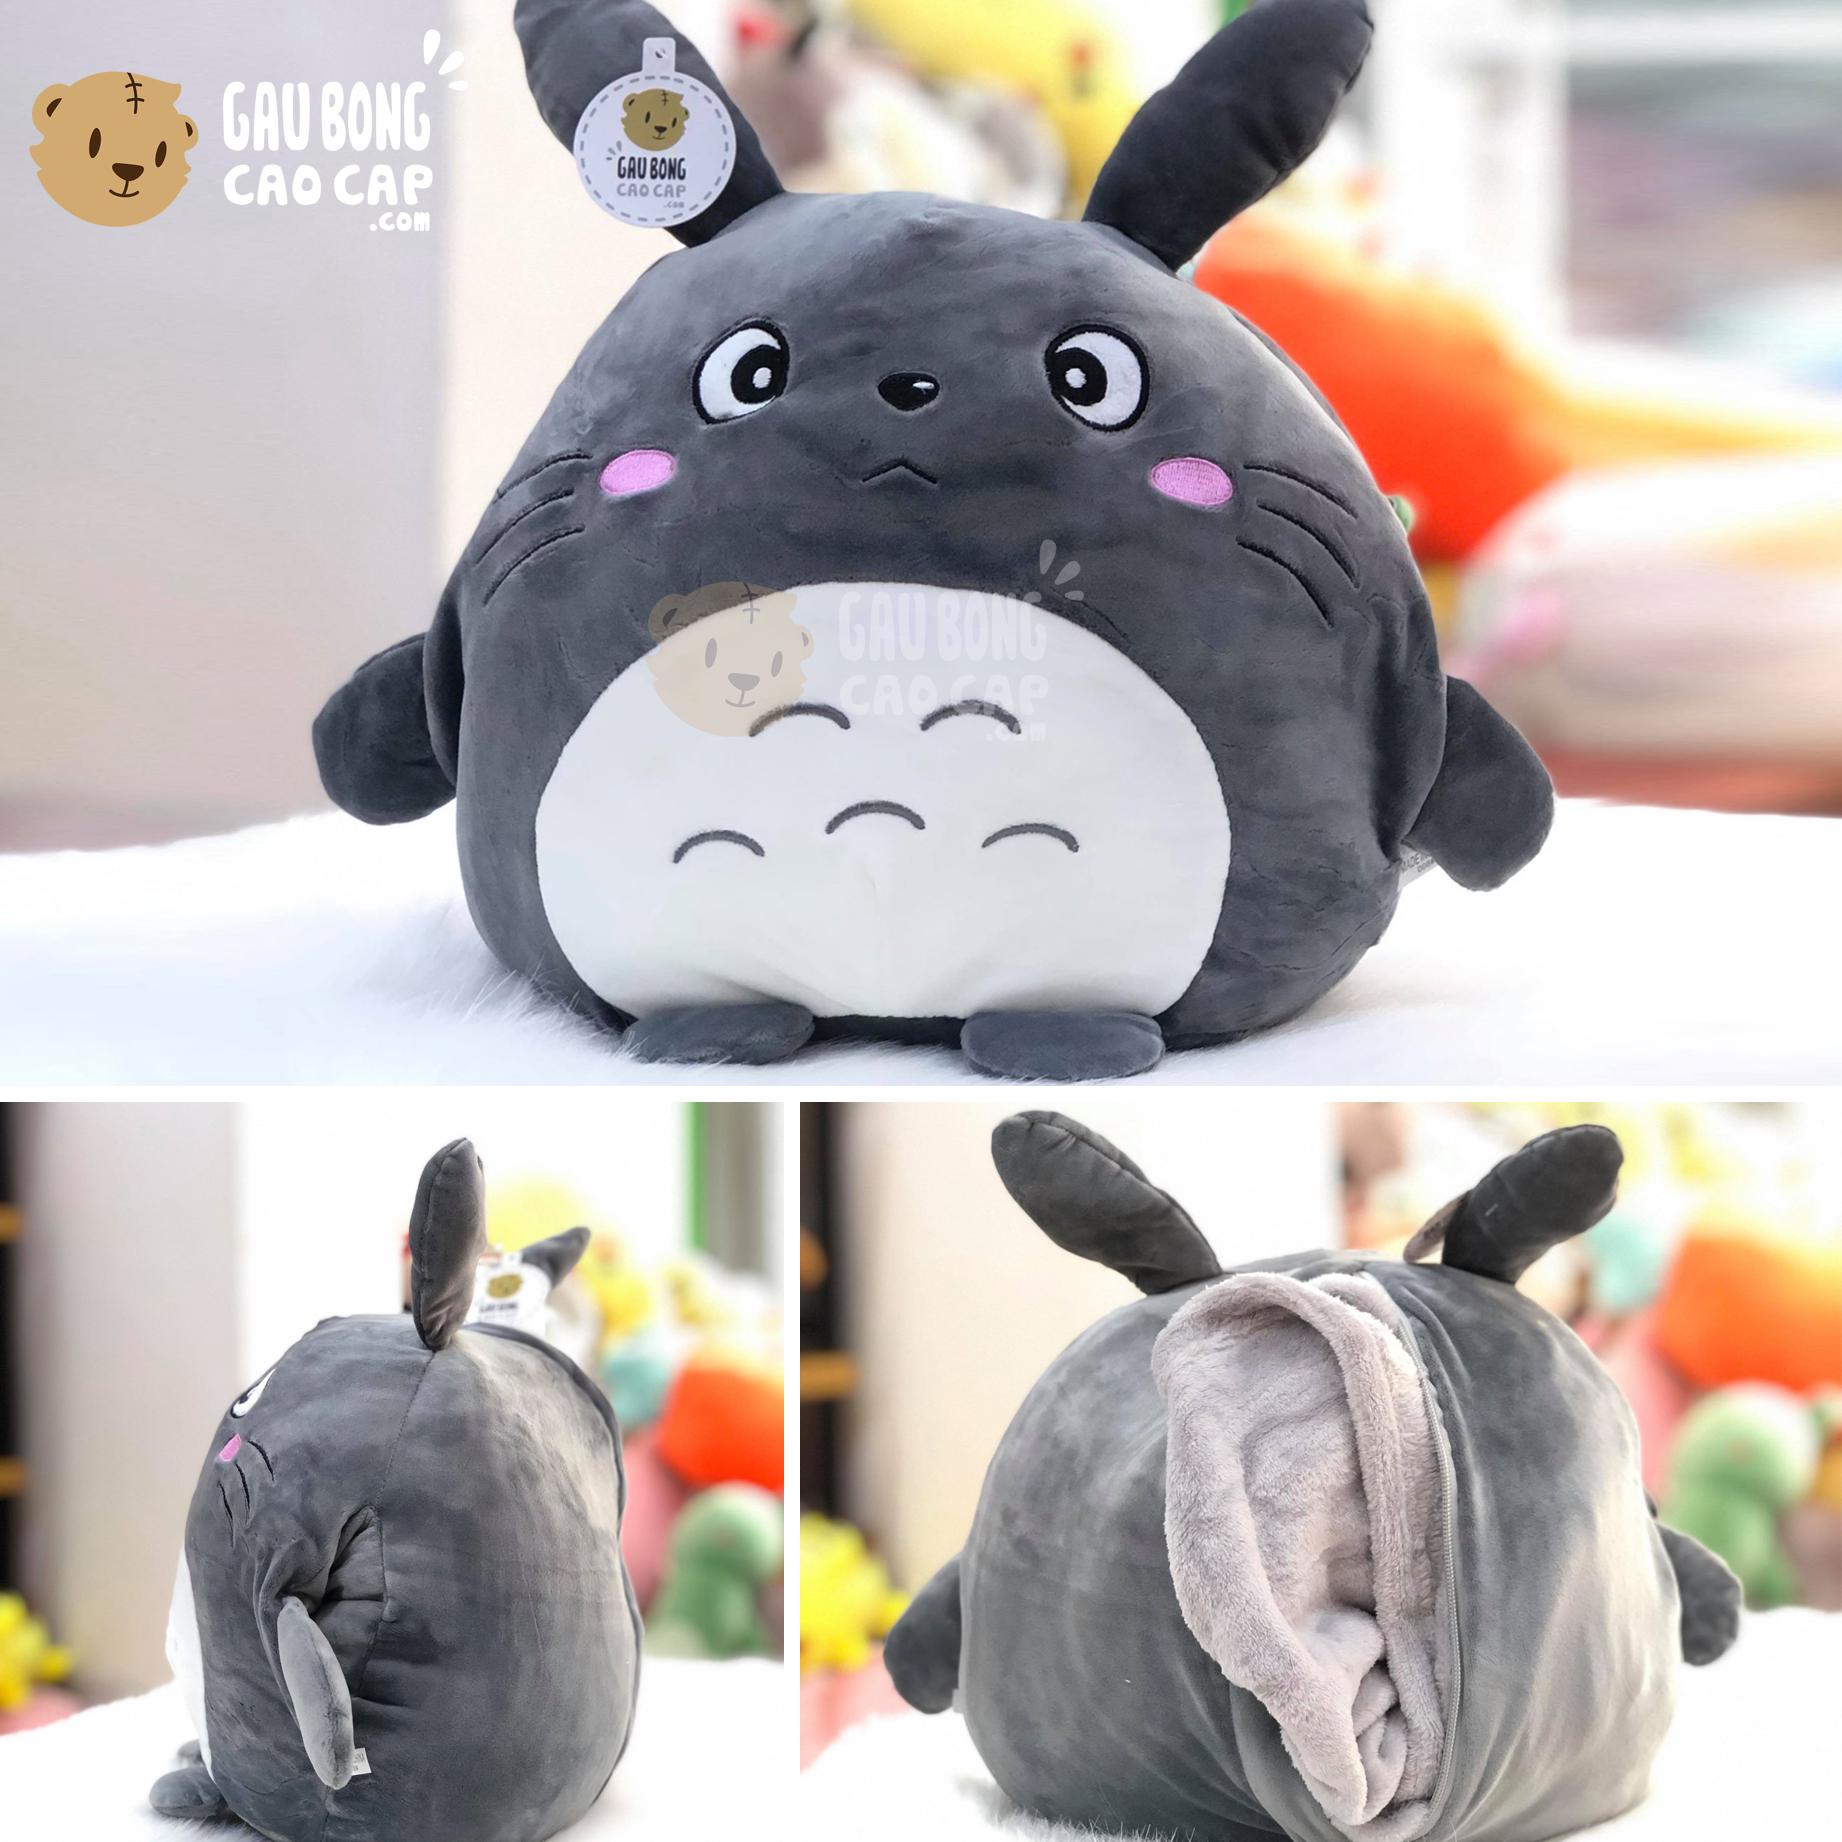 Gối mền đút tay 2in1 Totoro màu Xám lông mịn